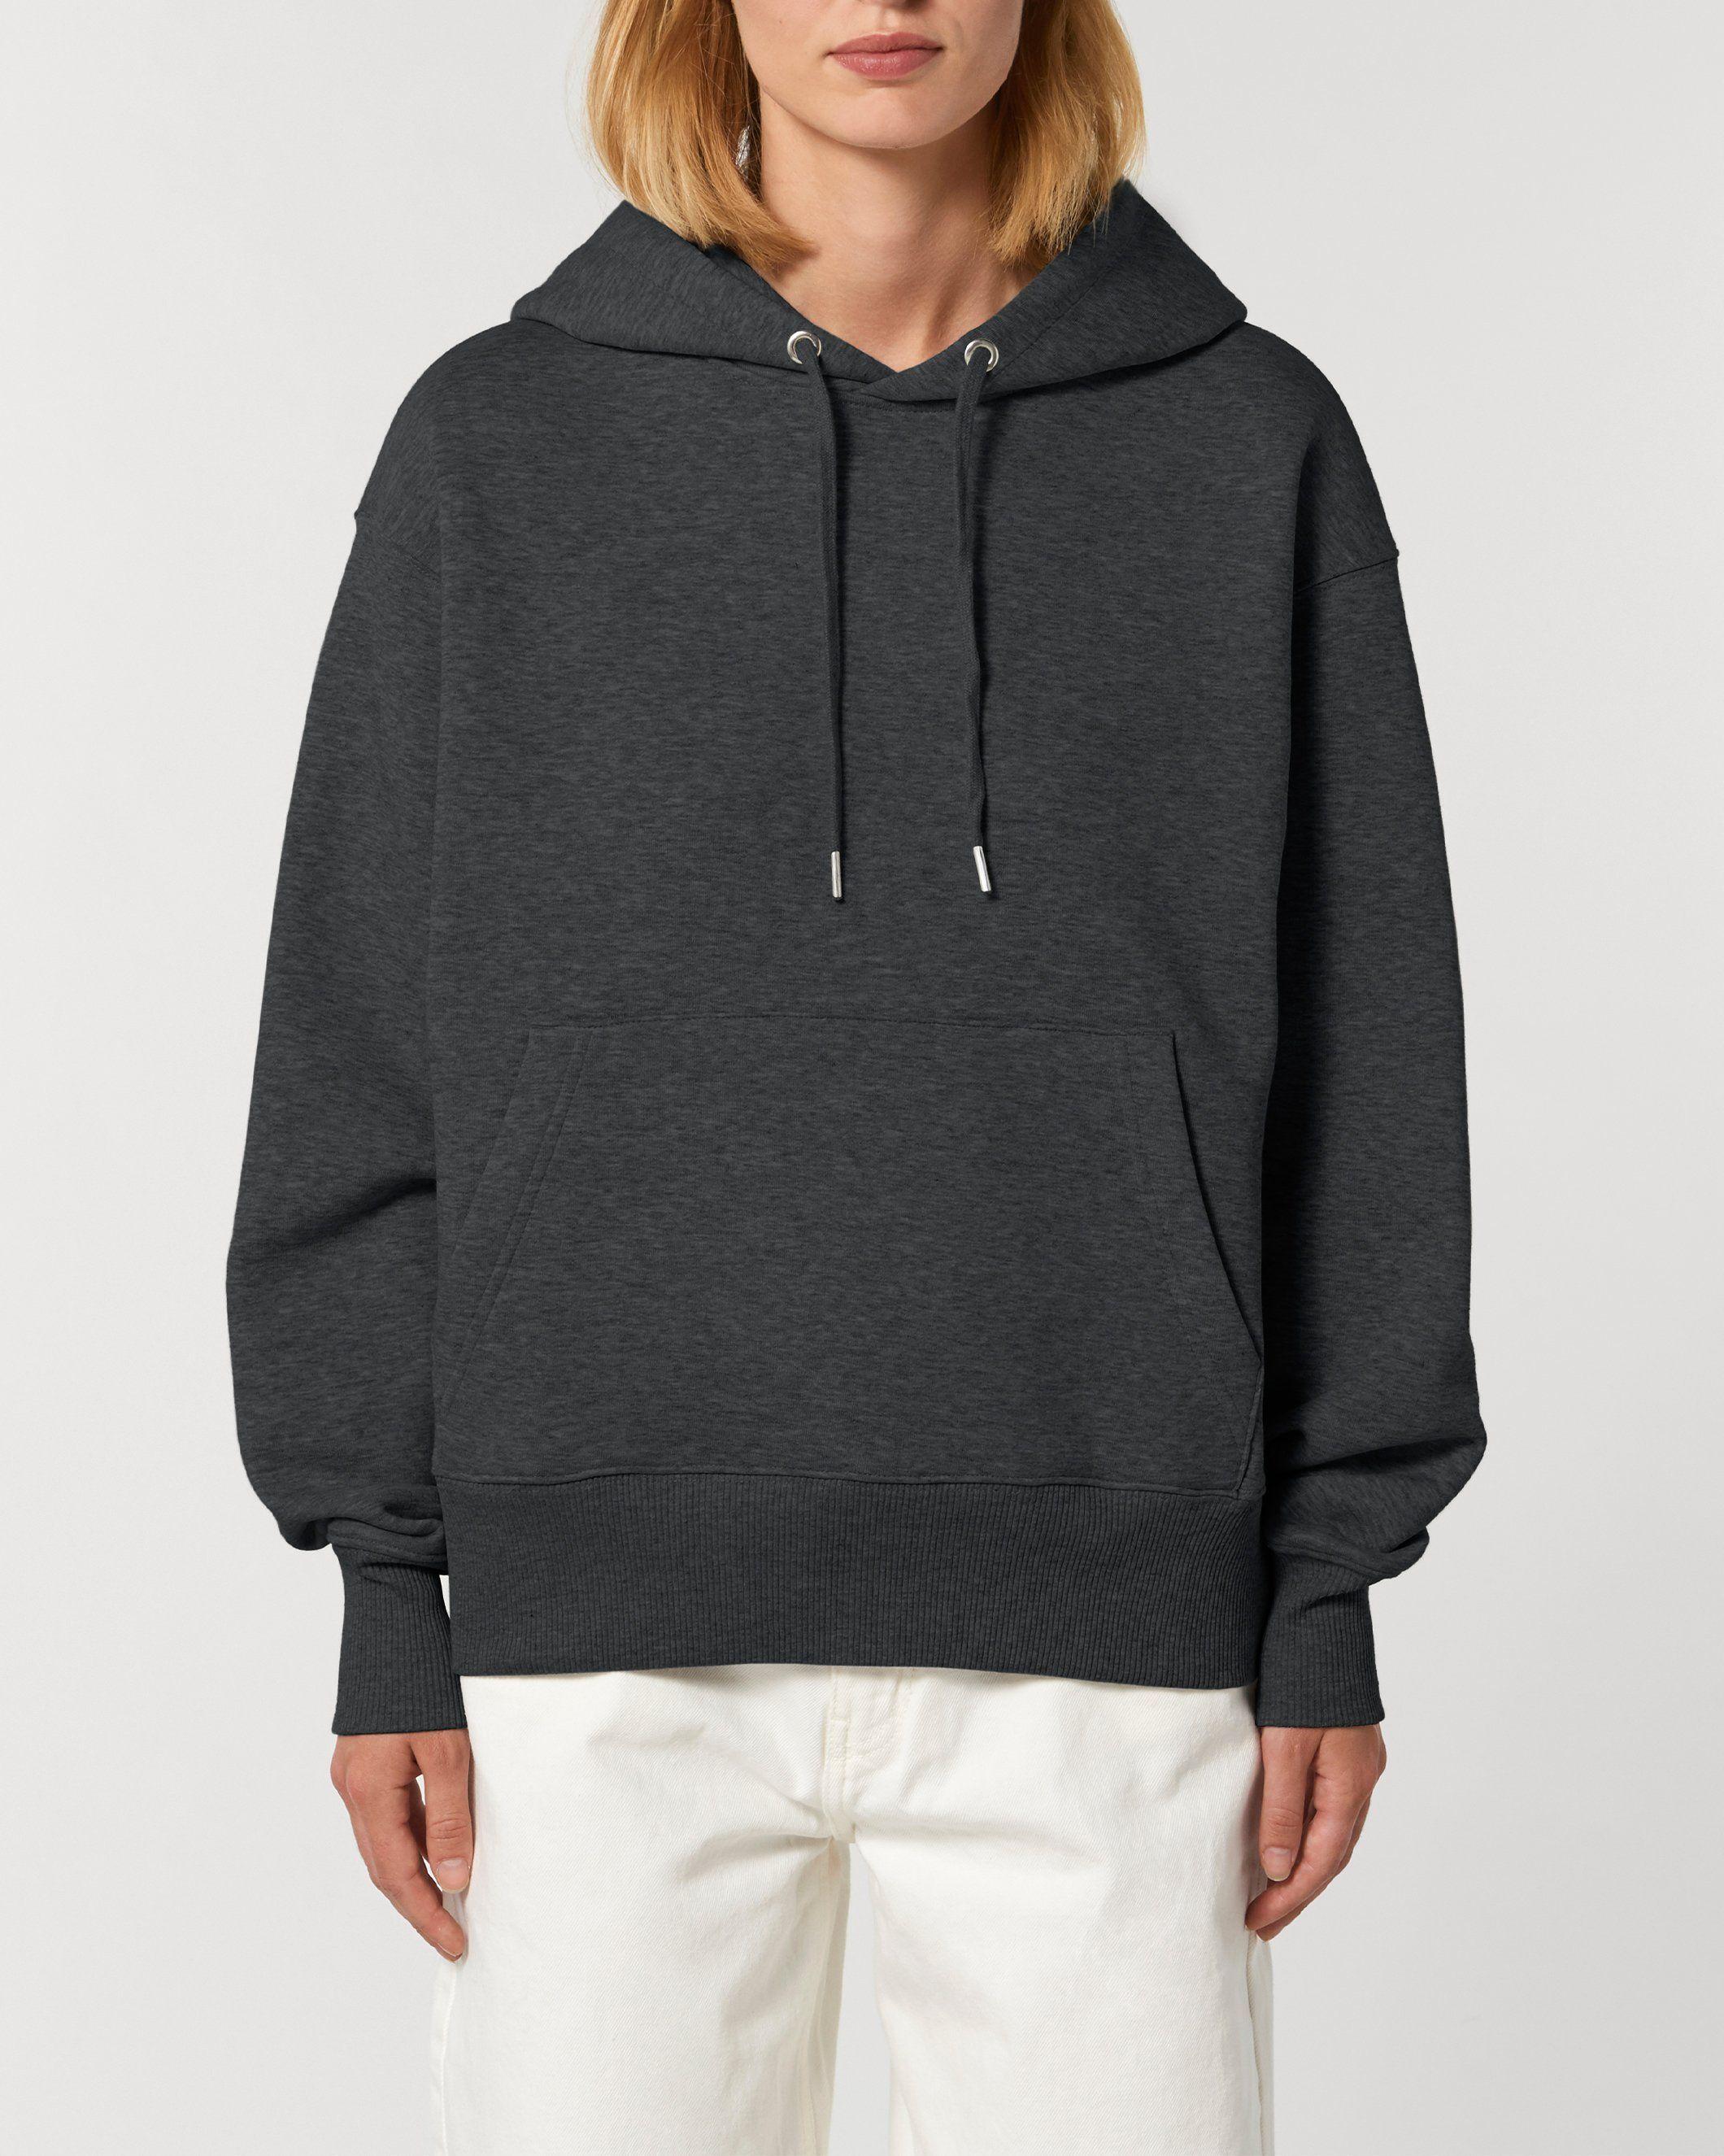 Karma Unisex Relaxed Hoodie in Grey